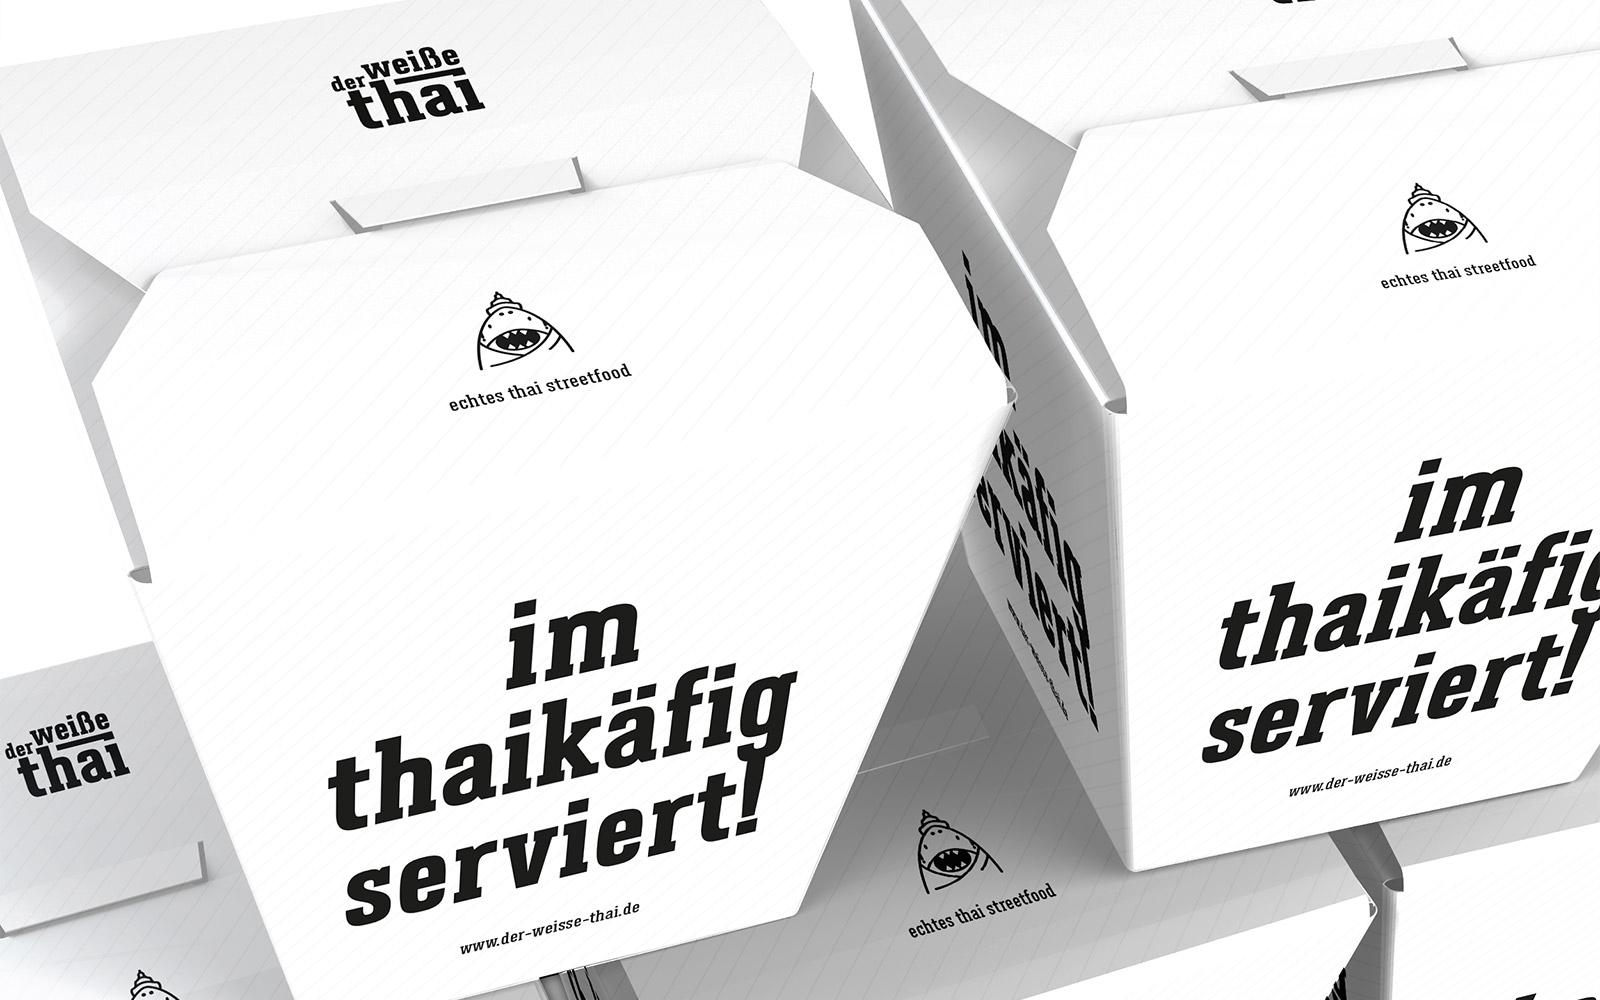 Der weiße Thai – Food Box